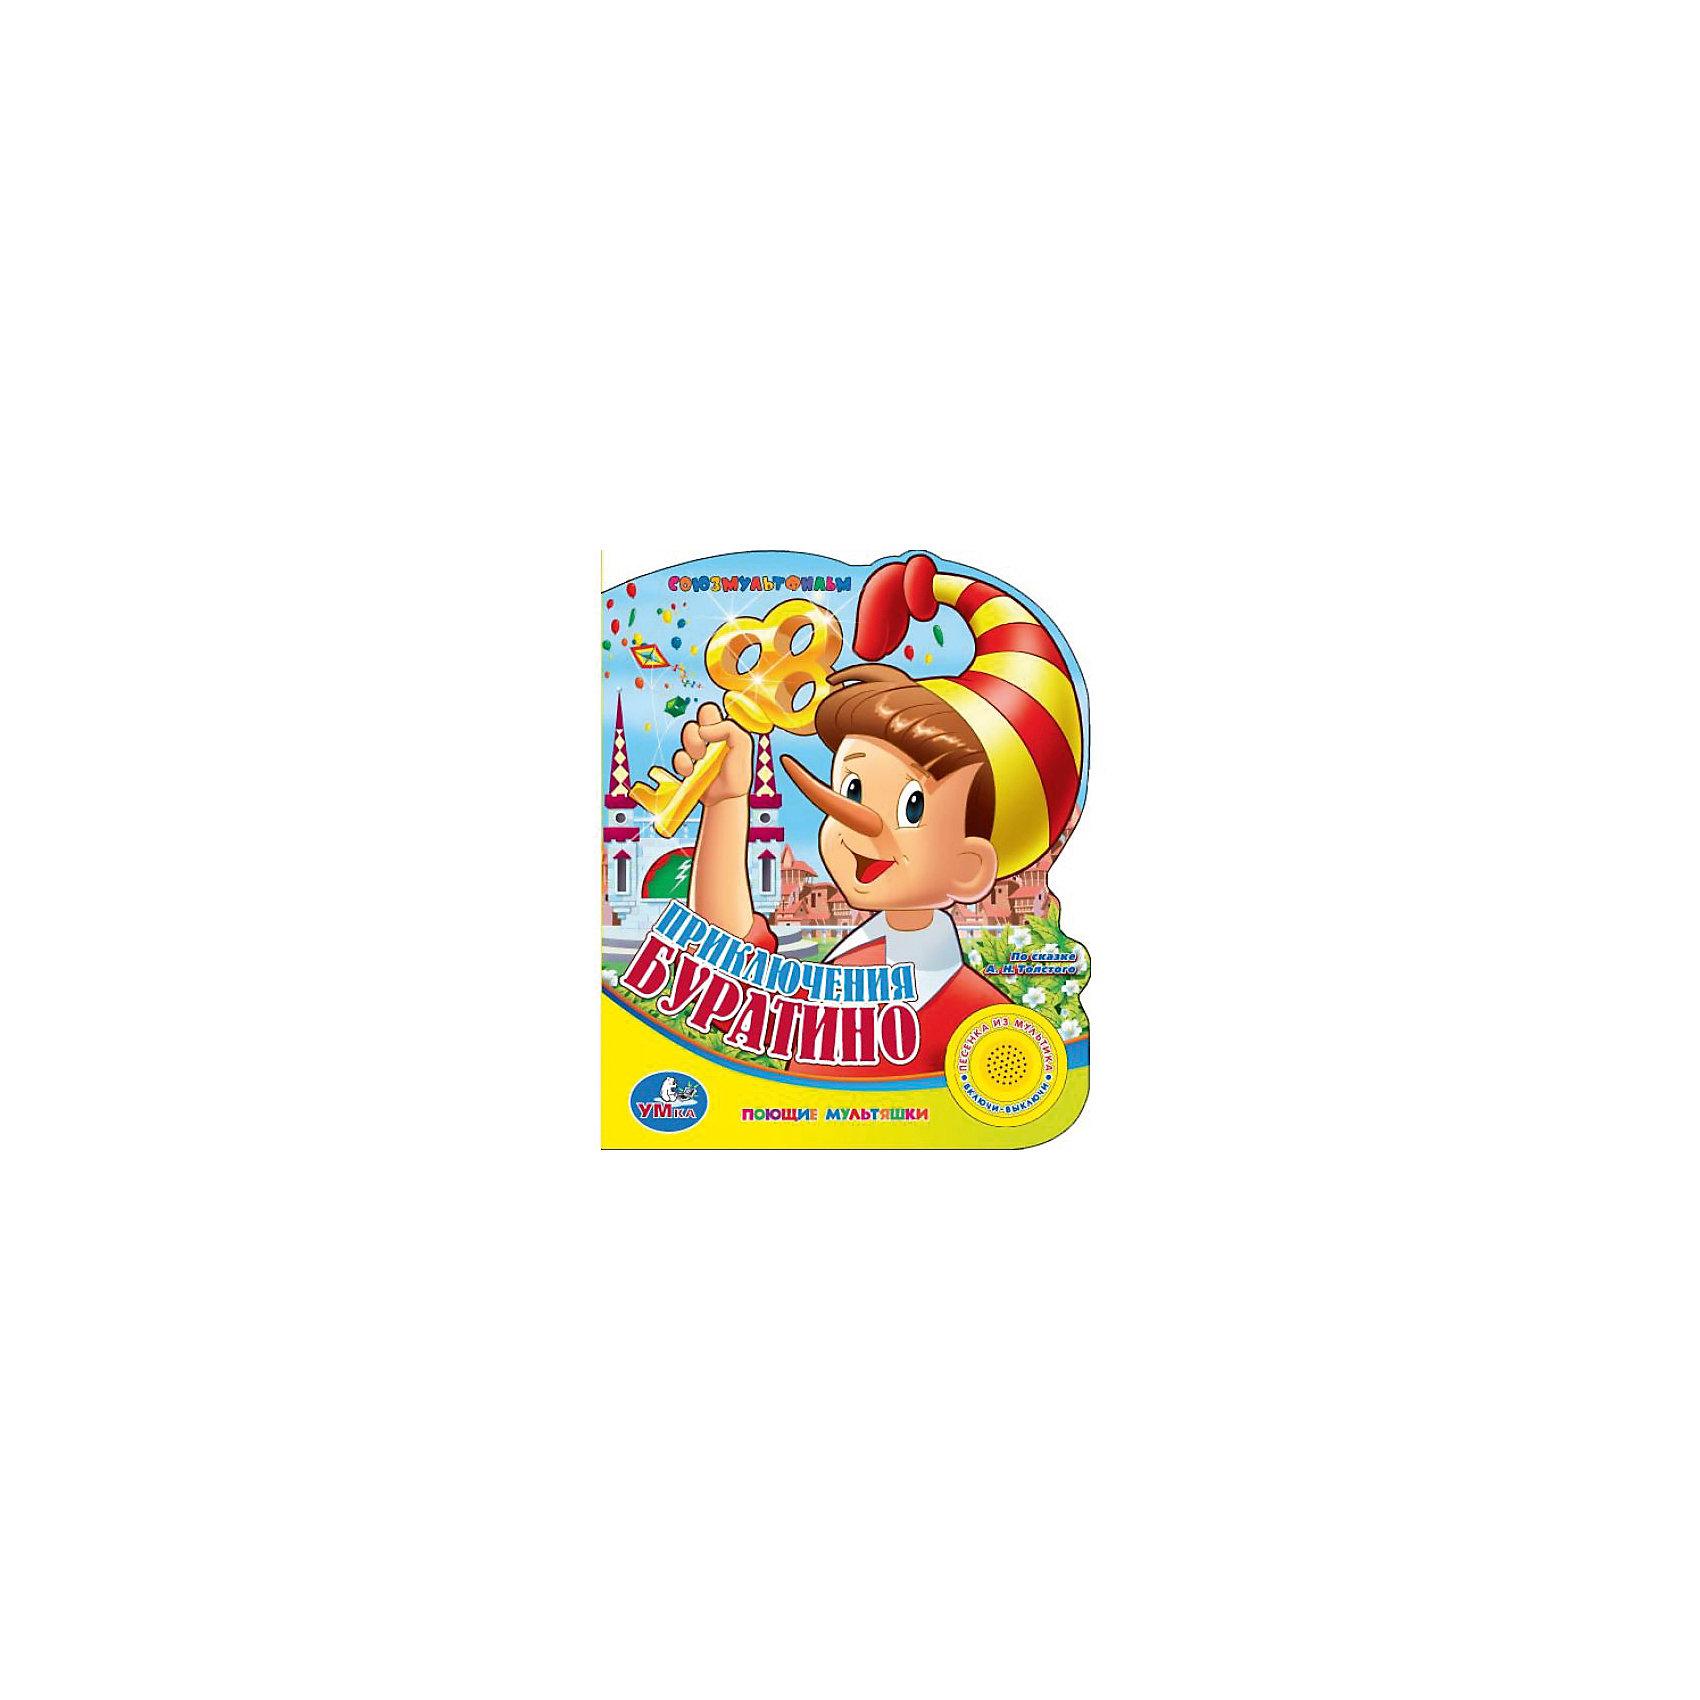 Книга с 1 кнопкой Приключения БуратиноКнига с 1 кнопкой Приключения Буратино – это красочная картонная книга по мотивам всеми любимого мультфильма со звуковым модулем.<br>Книга с песенкой Приключения Буратино - это великолепный выбор для первого чтения вашему крохе. Большие, красочные и необычайно красивые картинки с узнаваемыми мультяшными героями увлекут малыша в прекрасную волшебную страну сказок. А чтение авторского текста будет способствовать расширению словарного словаря малыша и его грамотности в будущем. Читайте книжку вслух, а малыш пусть сам нажимает музыкальную кнопочку, чтобы послушать песенку из мультфильма. Формат книги идеально подходит для маленьких детских рук, страницы из плотного картона не так просто помять или порвать.<br><br>Дополнительная информация:<br><br>- Автор: Толстой А.<br>- Иллюстратор: Букин Д.<br>- Издательство: Умка<br>- Тип обложки: картон<br>- Звуковой модуль: 1 кнопка с песенкой из мультфильма, длительность 35 секунд, при повторном нажатии кнопки песенка останавливается<br>- Иллюстрации: цветные<br>- Количество страниц: 10 (картон)<br>- Батарейки: 3 типа LR41 (входят в комплект)<br>- Размер: 150х190х20 мм.<br>- Вес: 170 гр.<br><br>Книгу с 1 кнопкой Приключения Буратино можно купить в нашем интернет-магазине.<br><br>Ширина мм: 150<br>Глубина мм: 190<br>Высота мм: 30<br>Вес г: 170<br>Возраст от месяцев: 36<br>Возраст до месяцев: 2147483647<br>Пол: Унисекс<br>Возраст: Детский<br>SKU: 4579008